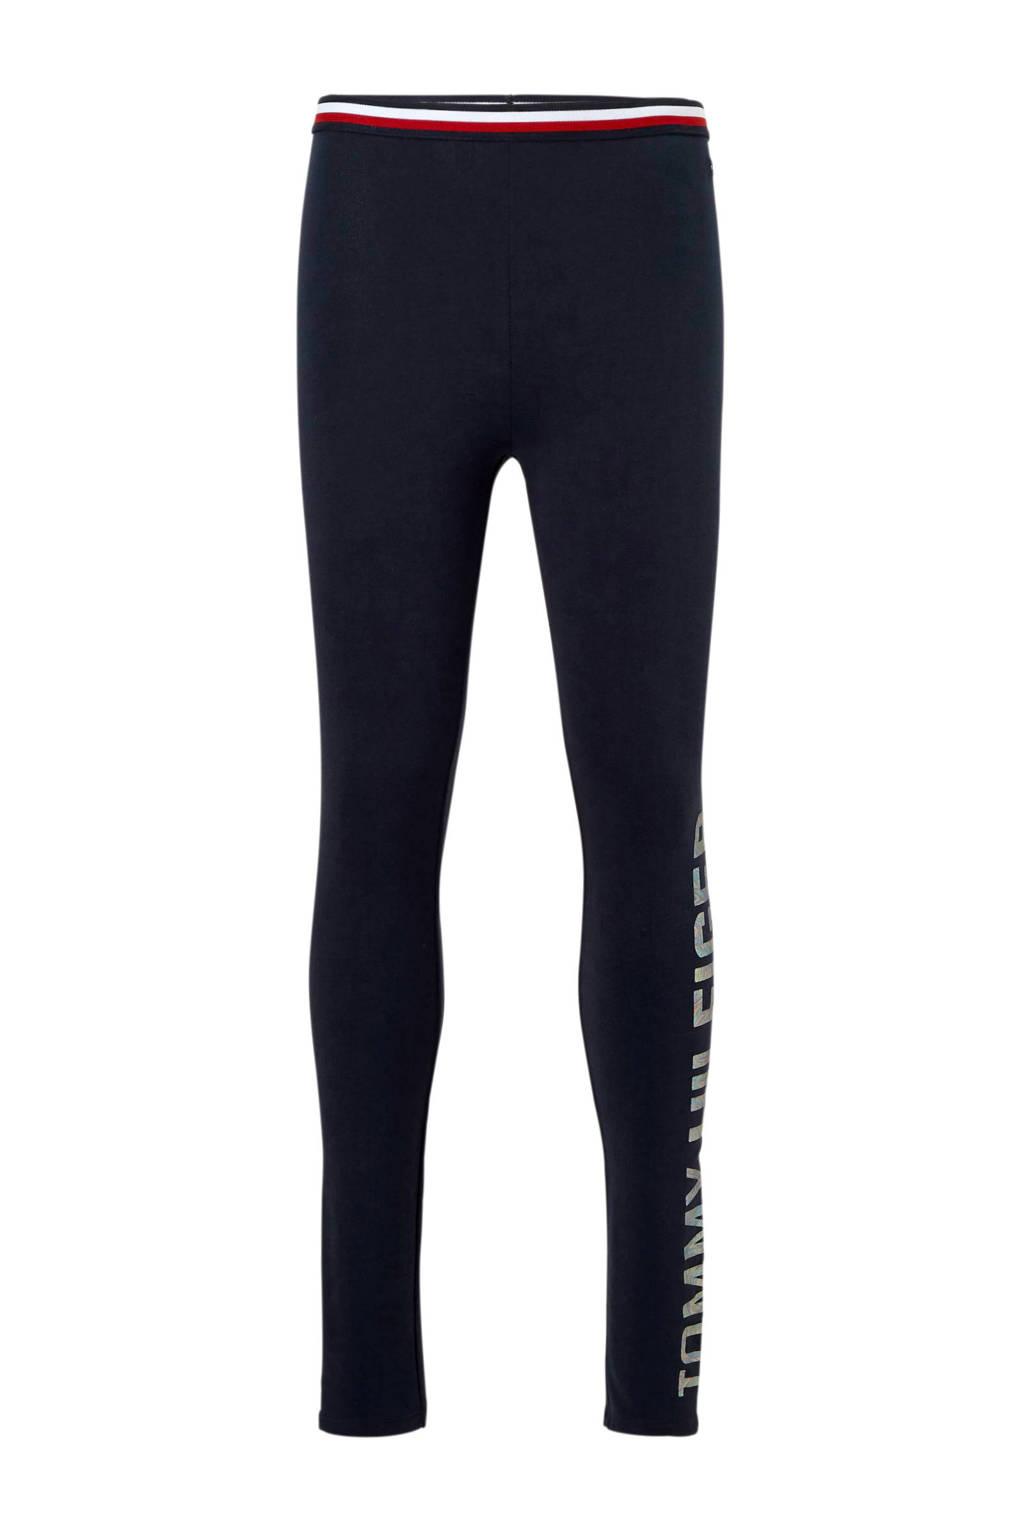 Tommy Hilfiger legging met metallic logo blauw, Donkerblauw/zilver